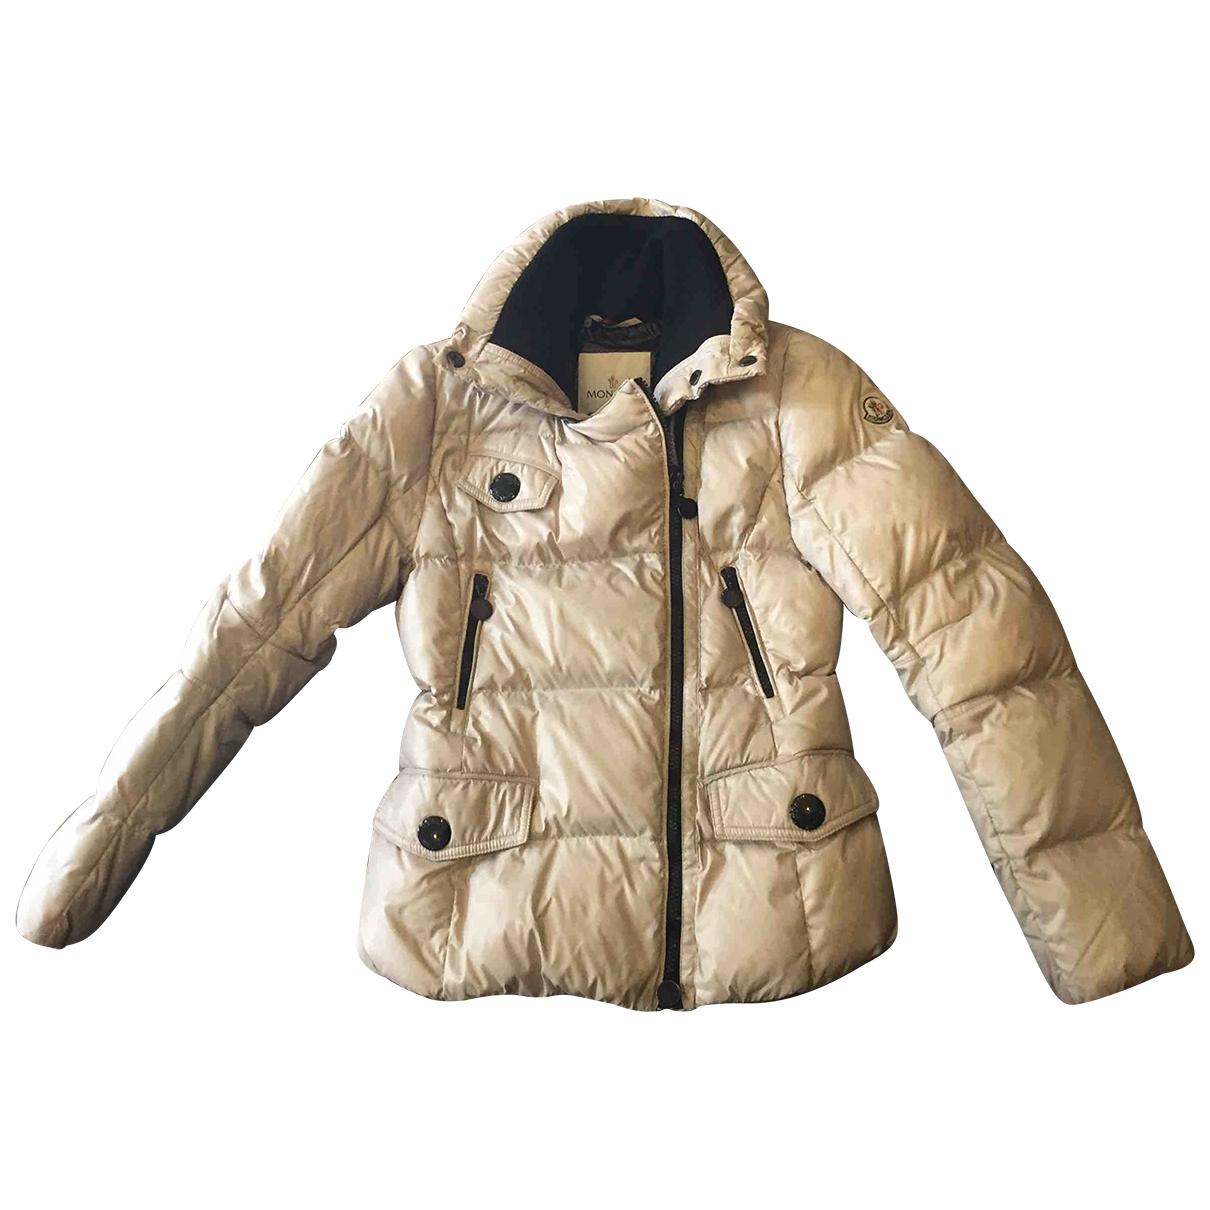 Moncler - Blousons.Manteaux   pour enfant - beige